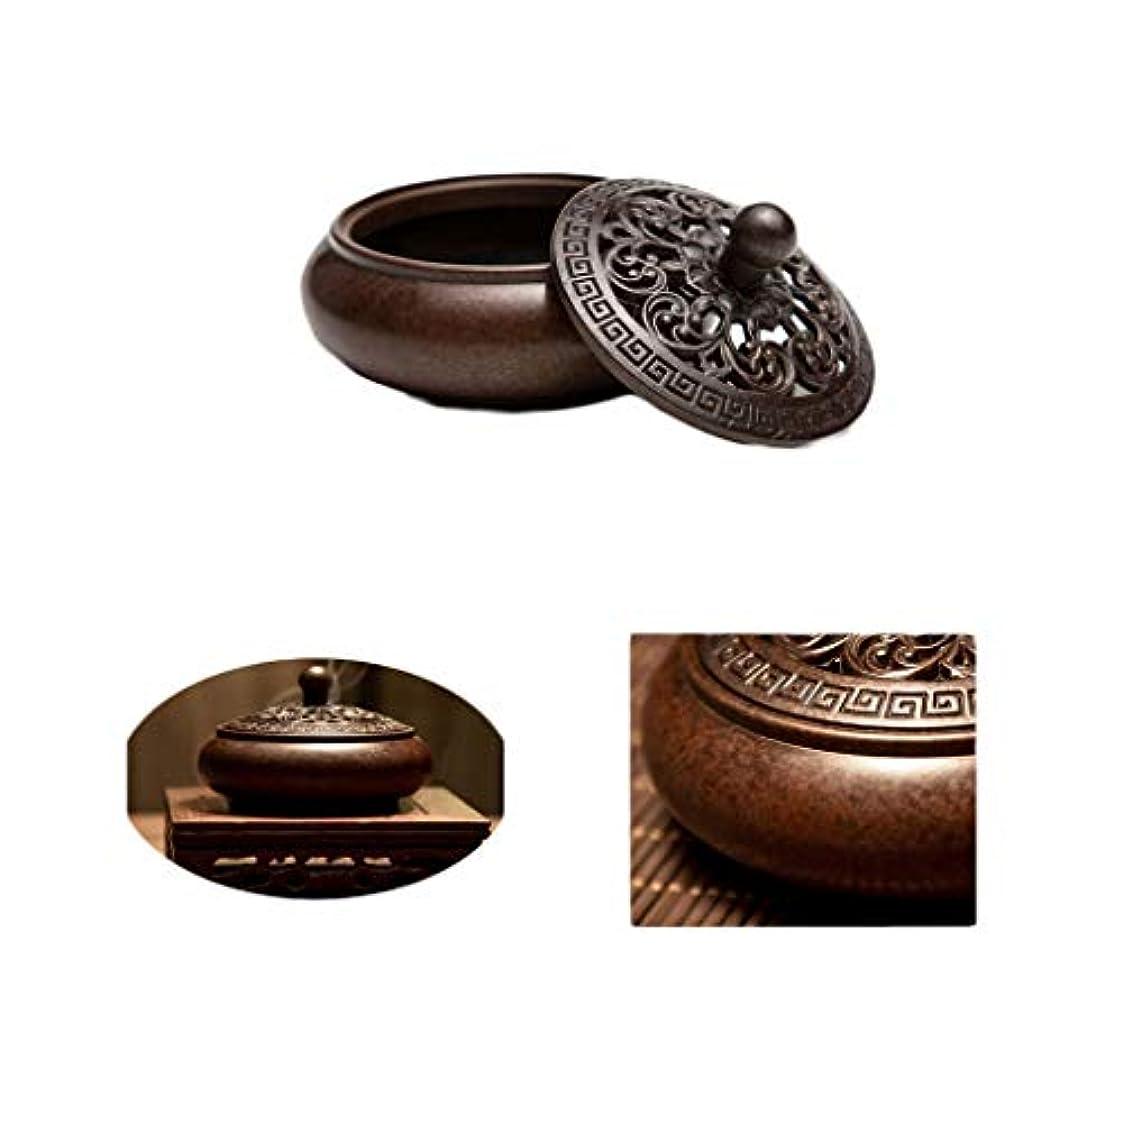 致命的クール抑制ホームアロマバーナー 純銅香炉アンティーク香炉吉祥香炉手作り香炉 アロマバーナー (Color : Brass)